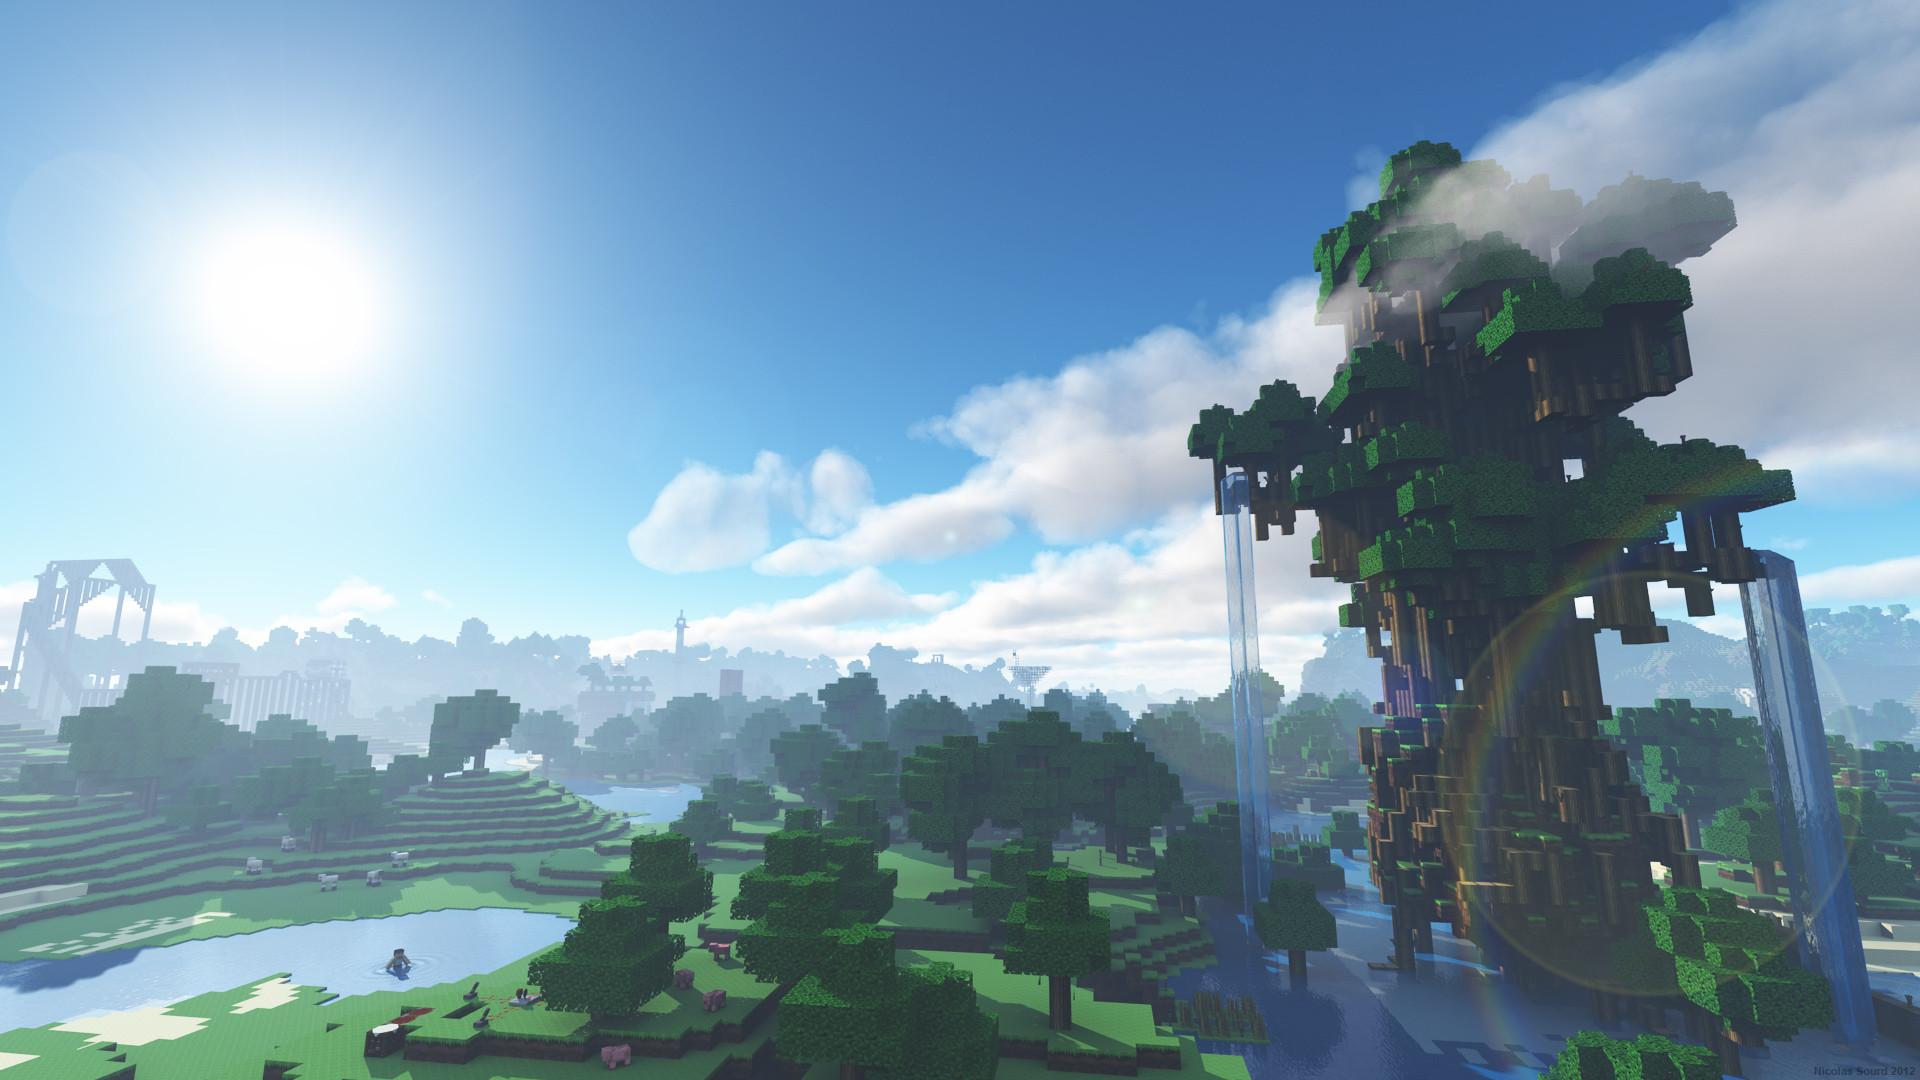 Hình nền phong cảnh Minecraft tuyệt đẹp